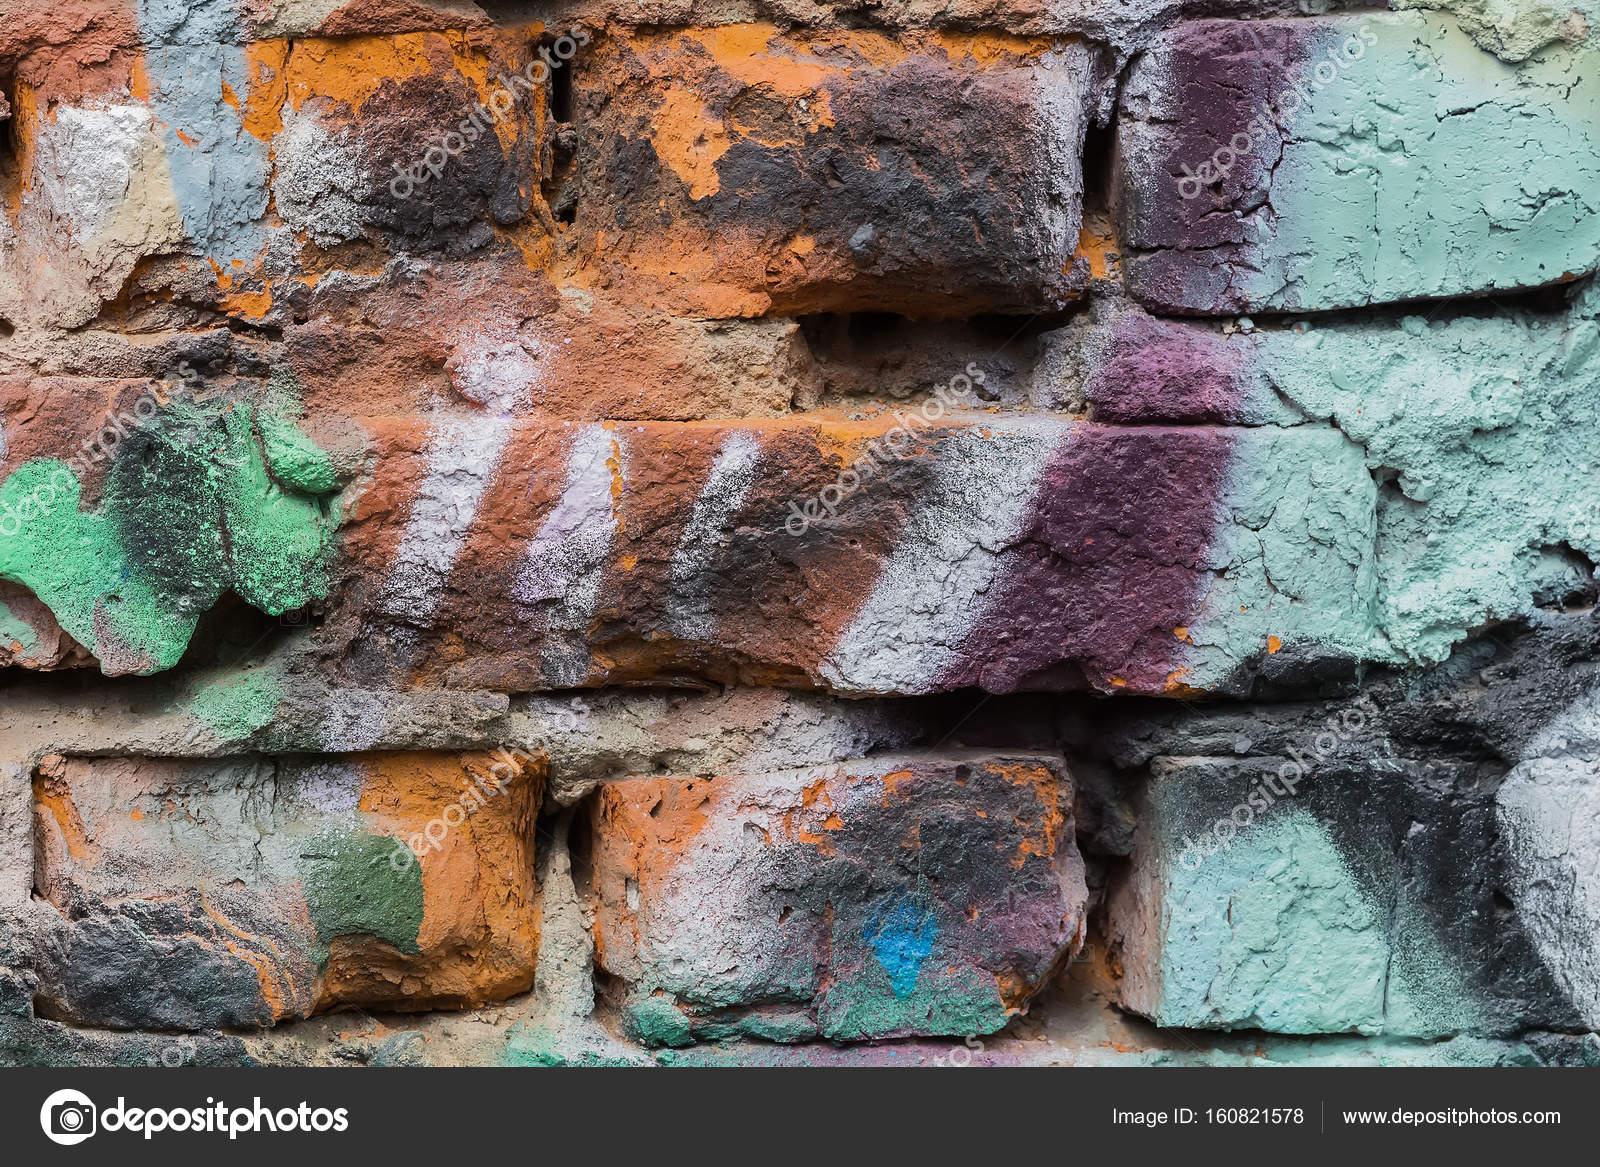 Disegni Per Dipingere Le Pareti : Parete astratta decorata con disegni dipingere close up